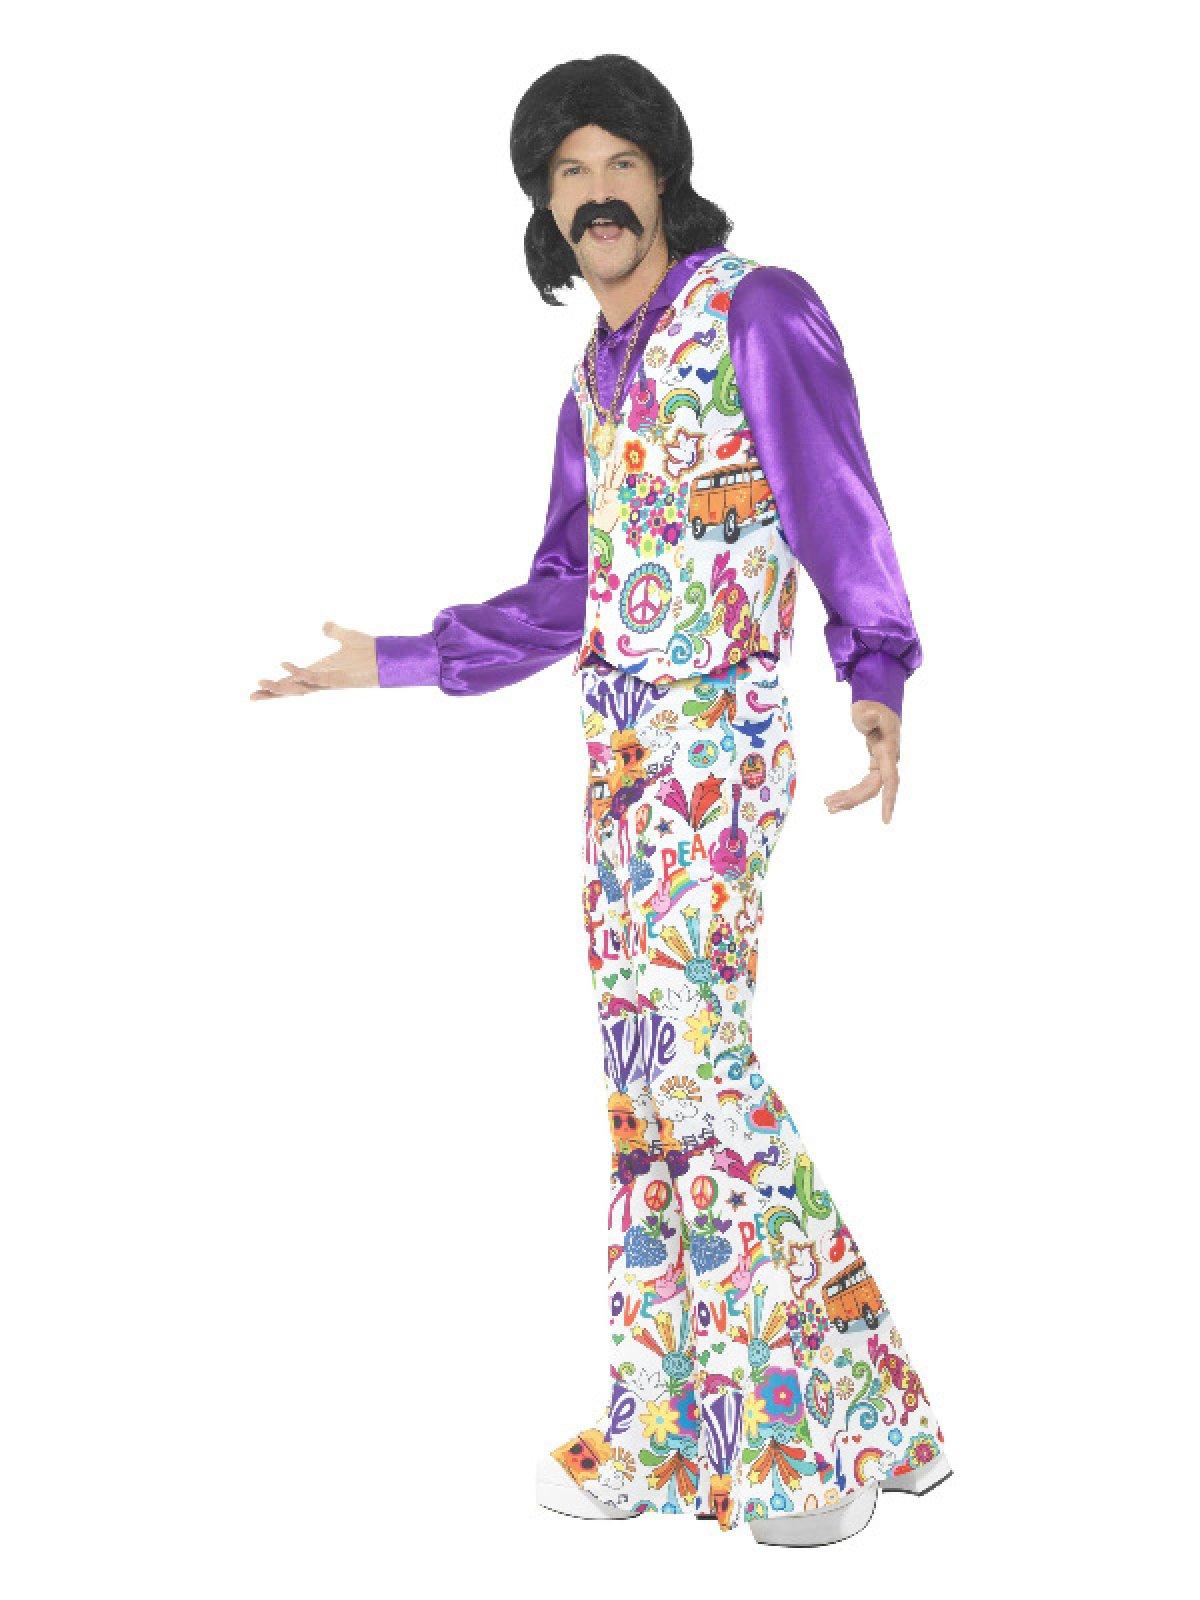 Køb 60er Groovy Hippie Kostume til kun 249 kr   Lynhurtig